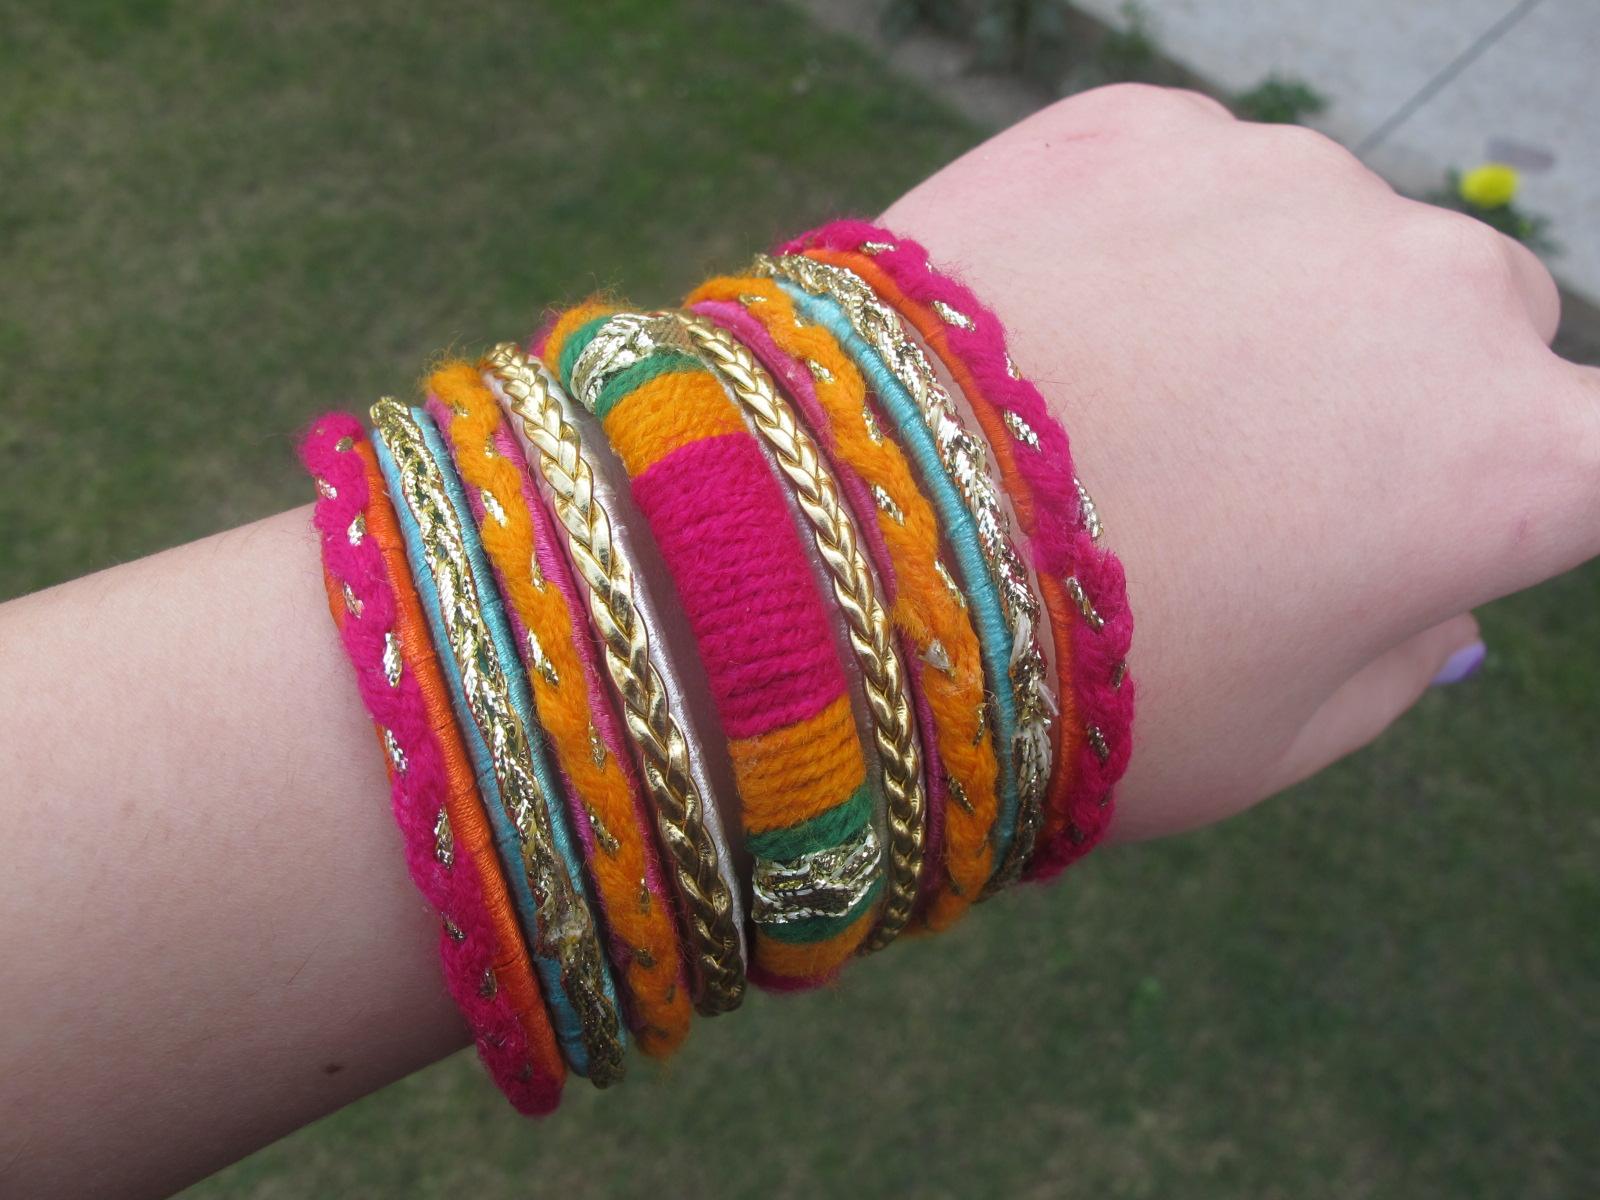 Glamarama: Pakistani Style: Ethnic/Desi Style Bangles From Milli